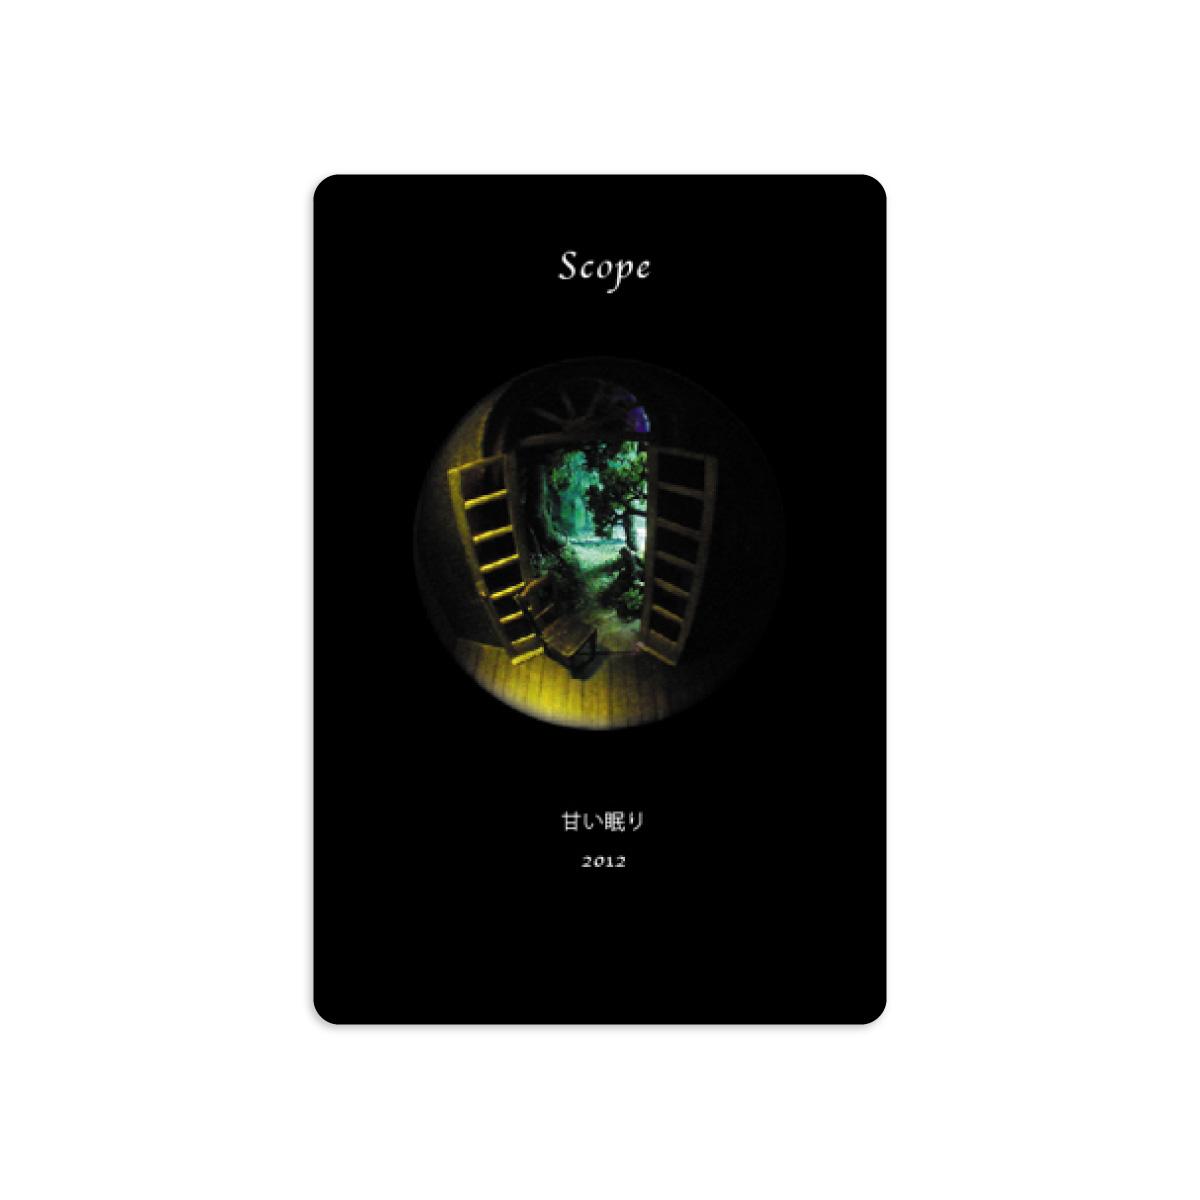 桑原弘明 Scope ポストカードセット2012